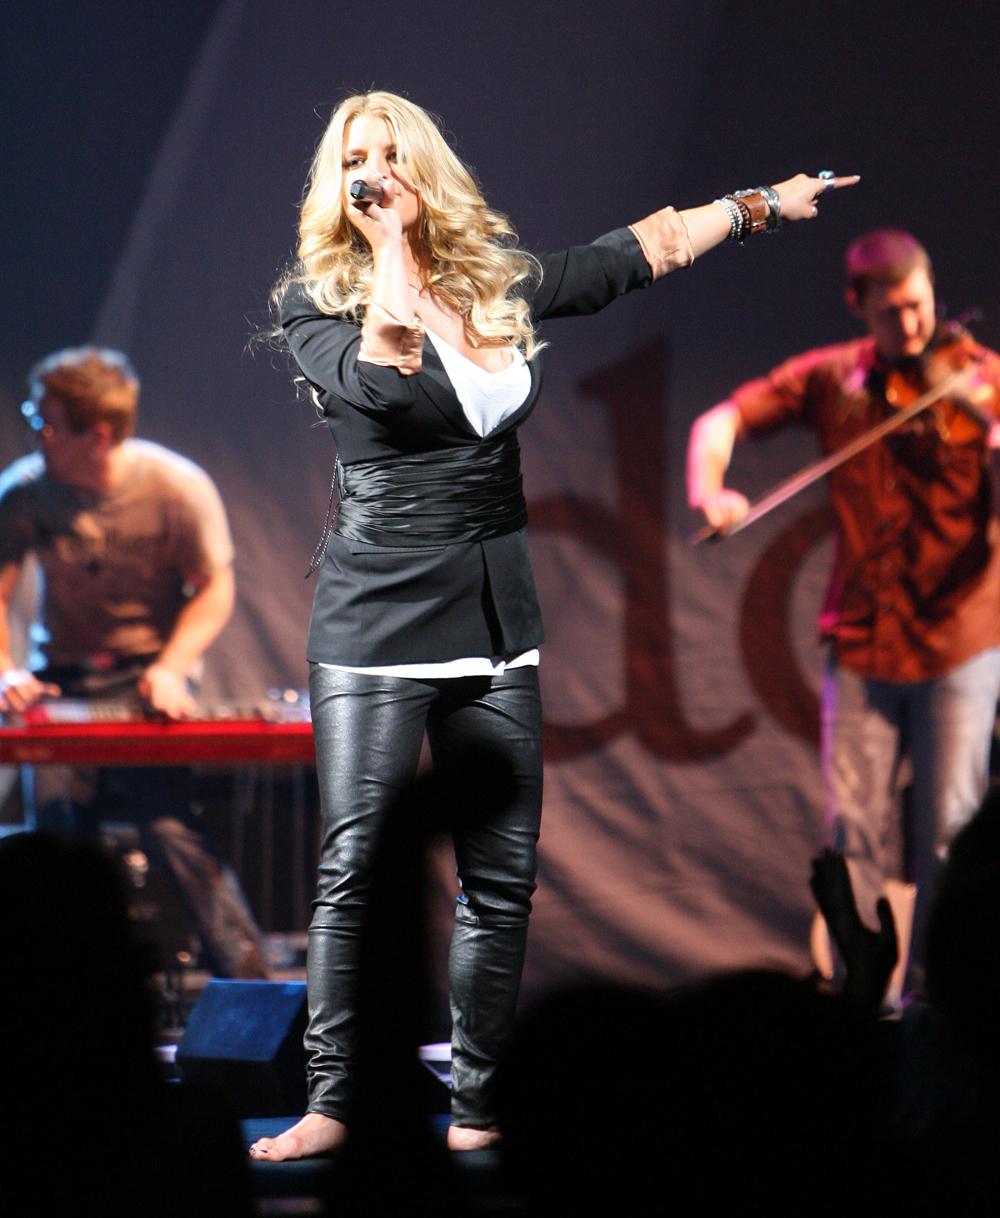 Jessica Simpson performing at John Paul Jones Arena in Charlotte